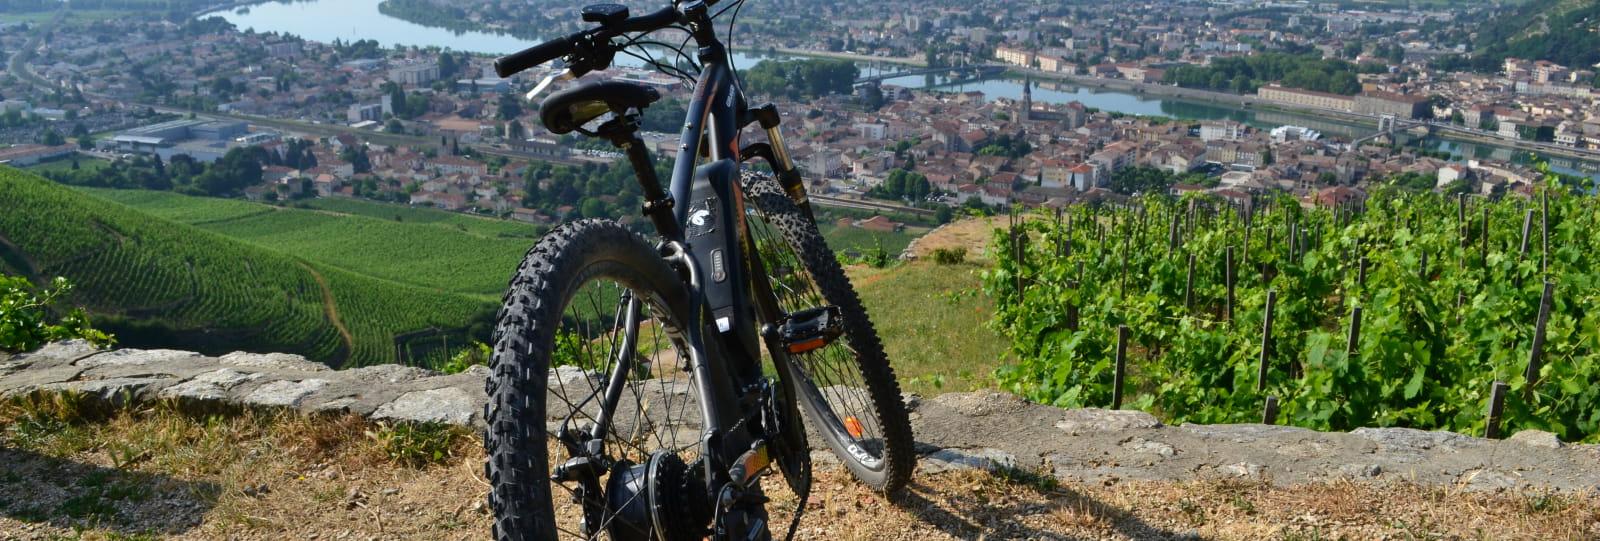 Balade en vélo à assistance électrique - M. CHAPOUTIER